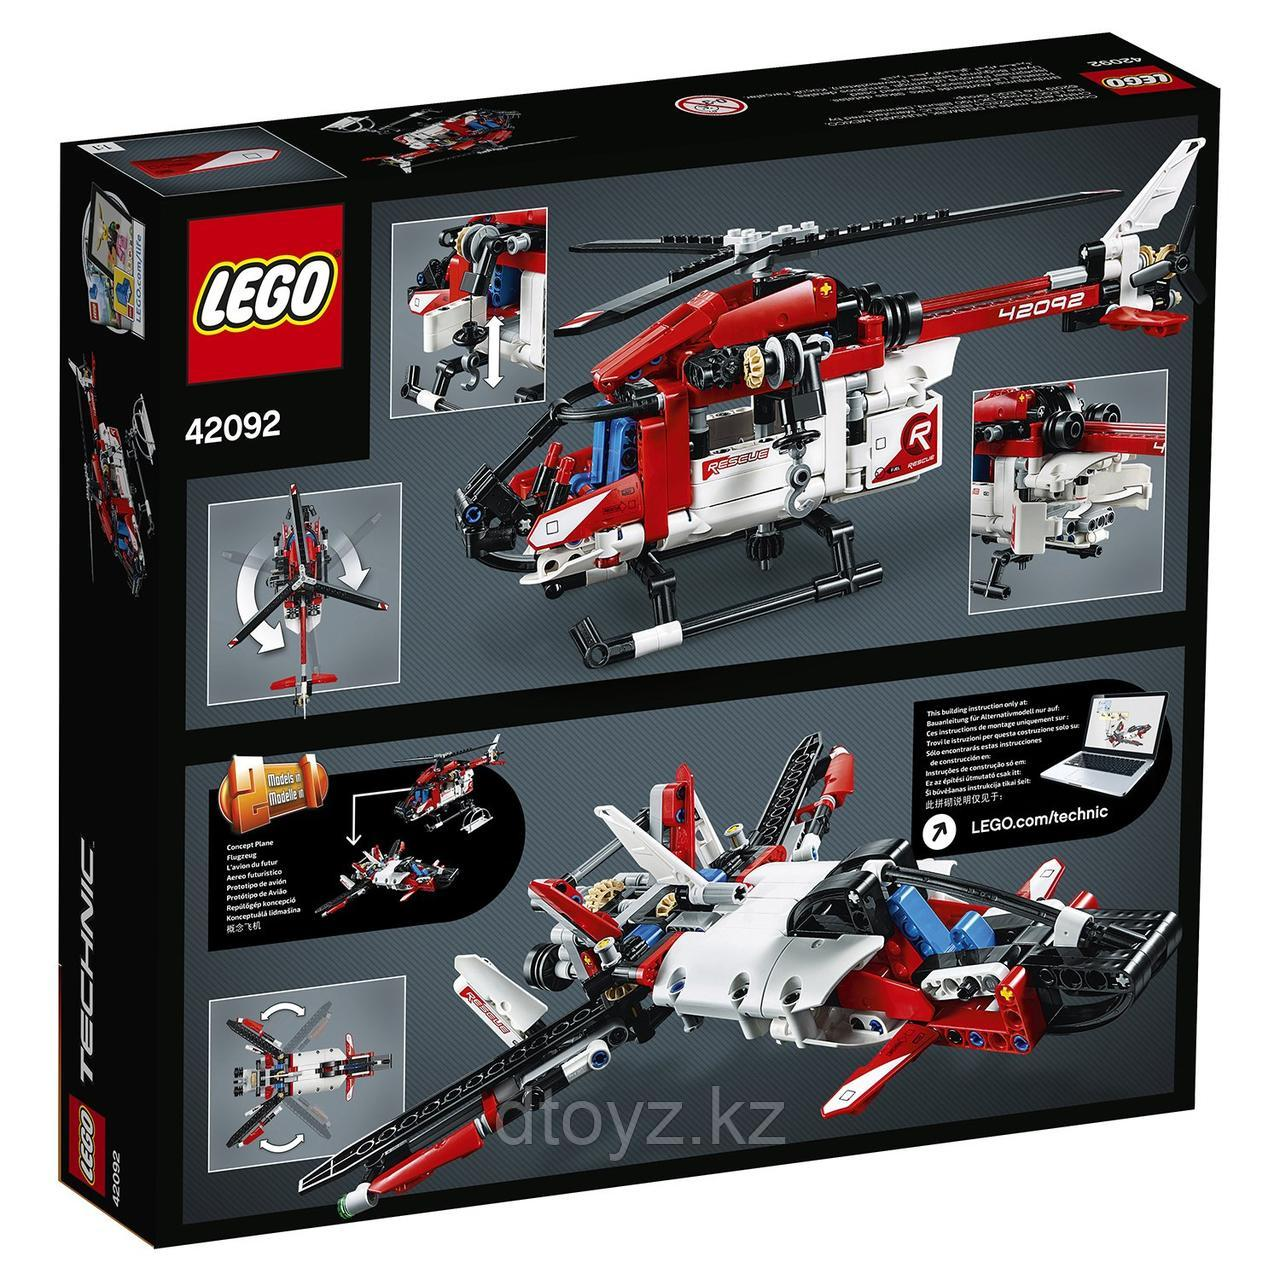 Lego Technic 42092 Спасательный вертолёт, Лего Техник - фото 2